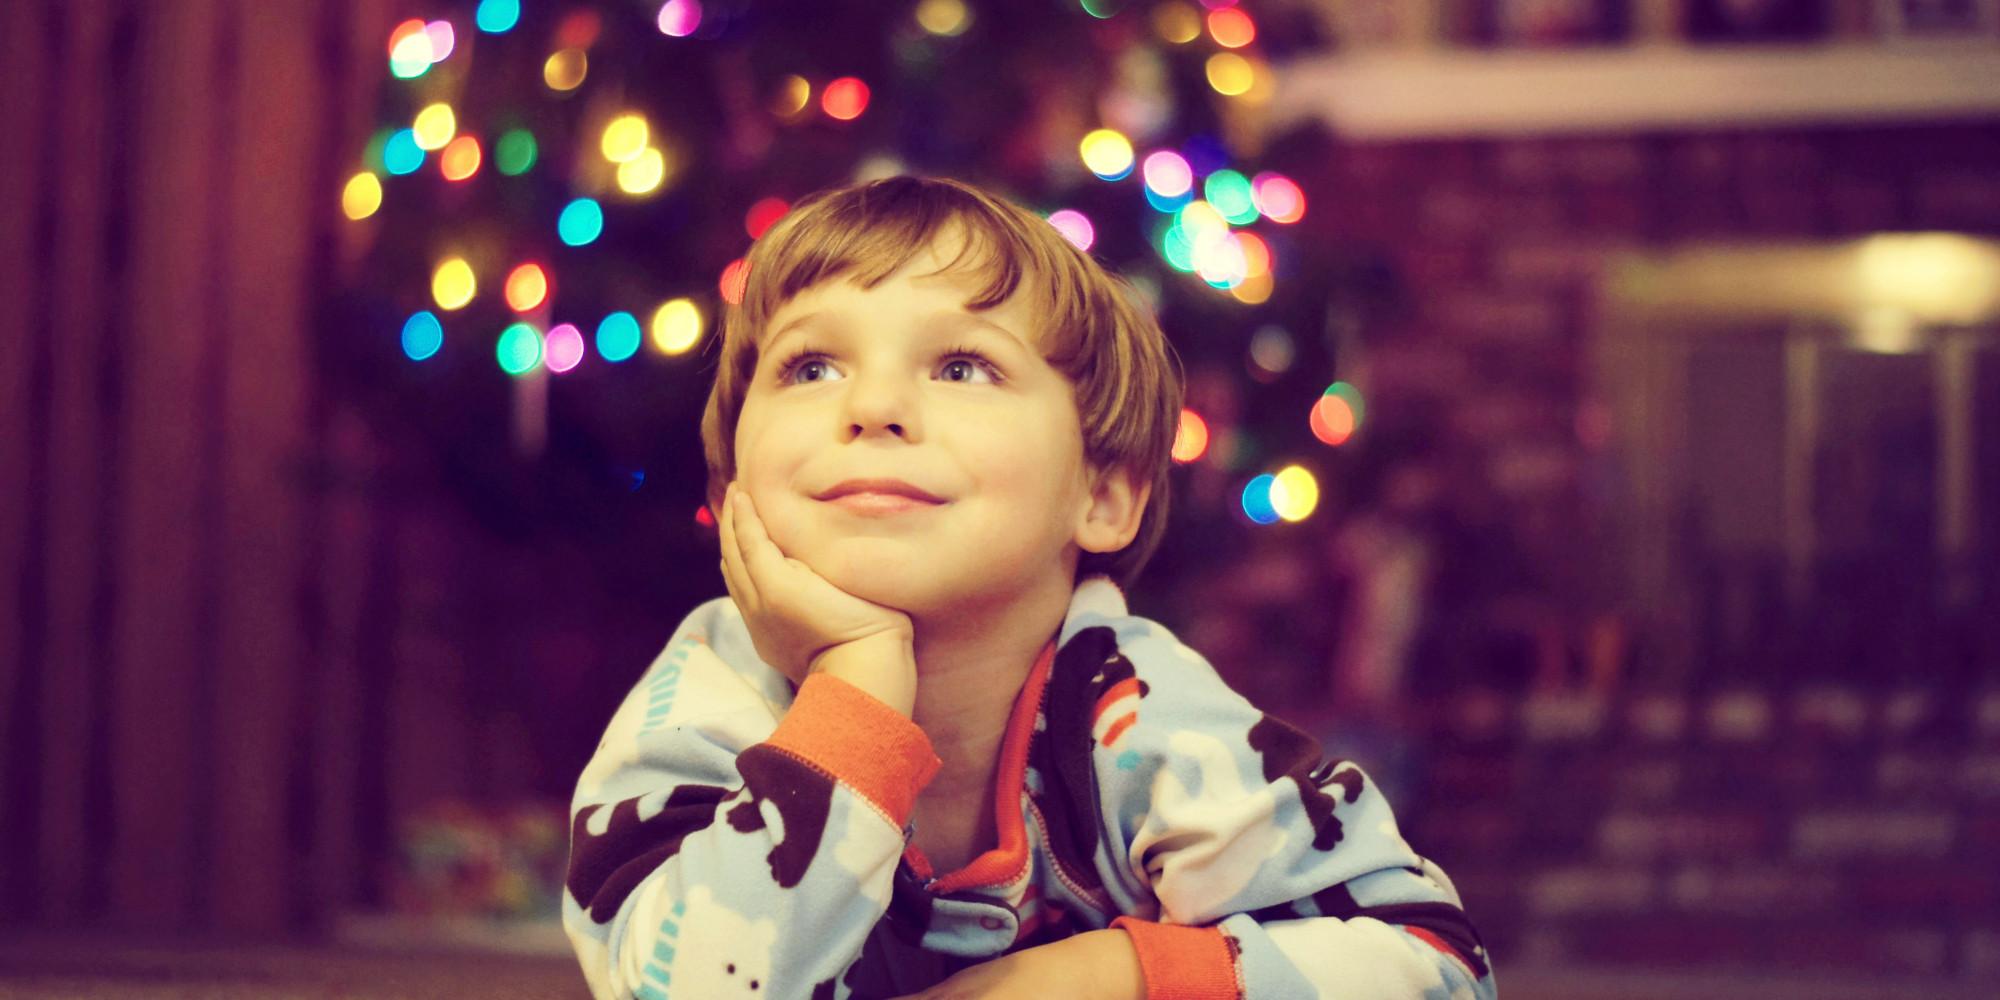 18 tolle geschenke f r kinder und keins davon ist spielzeug rachel jones. Black Bedroom Furniture Sets. Home Design Ideas